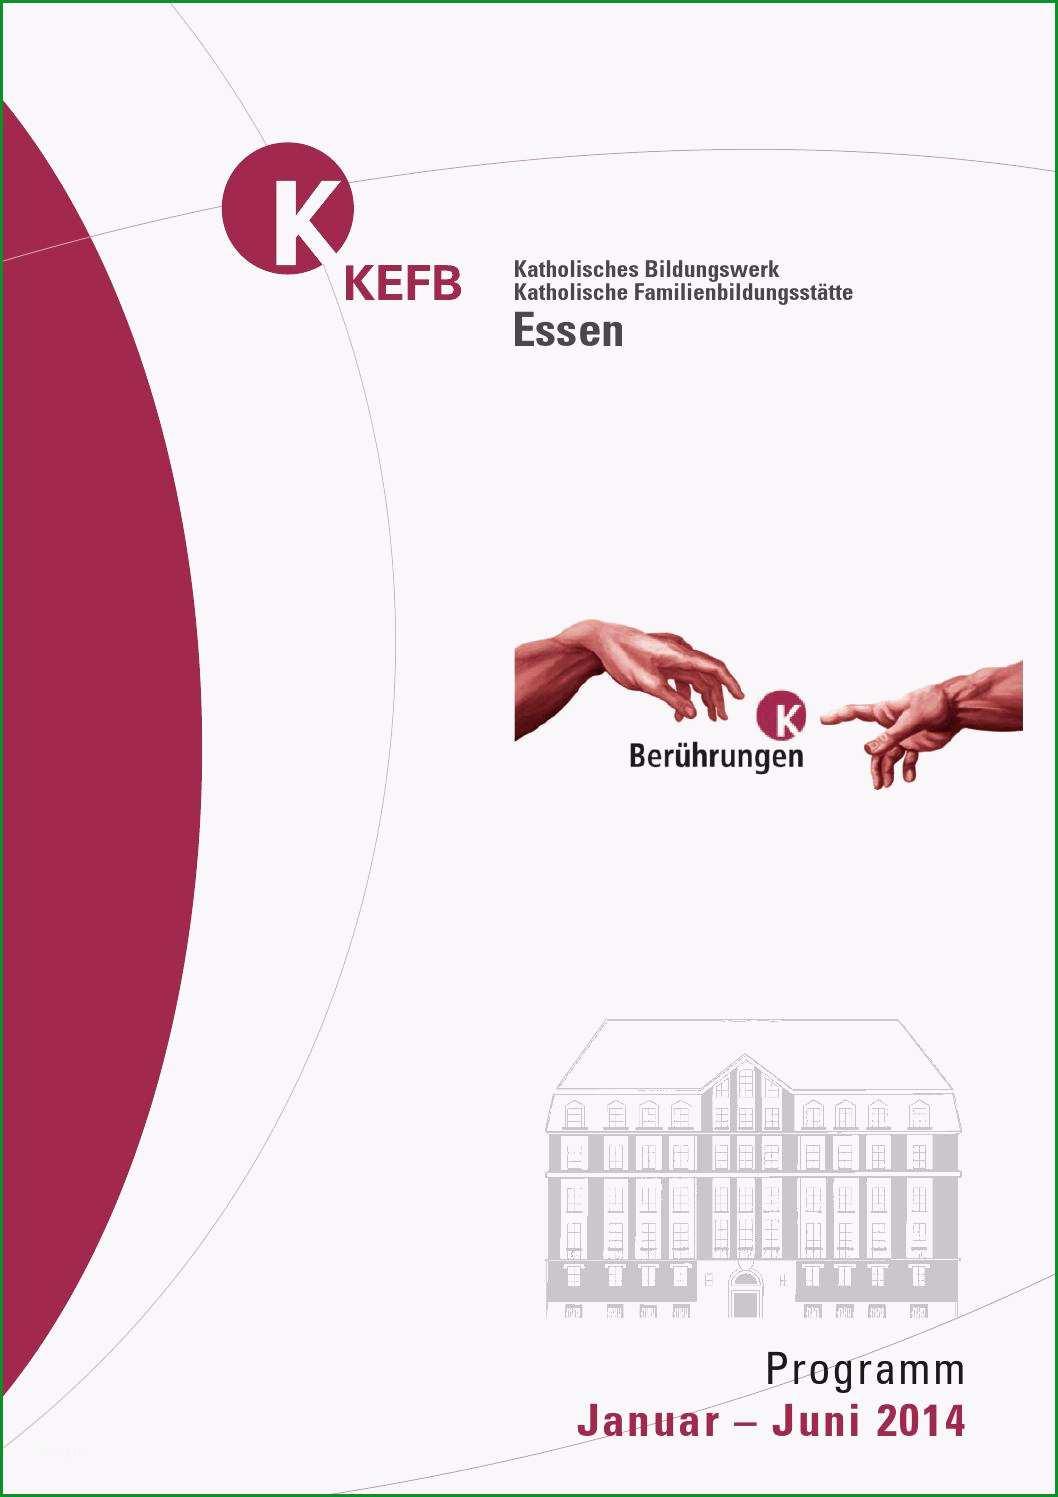 gesamtprogramm 1 2014